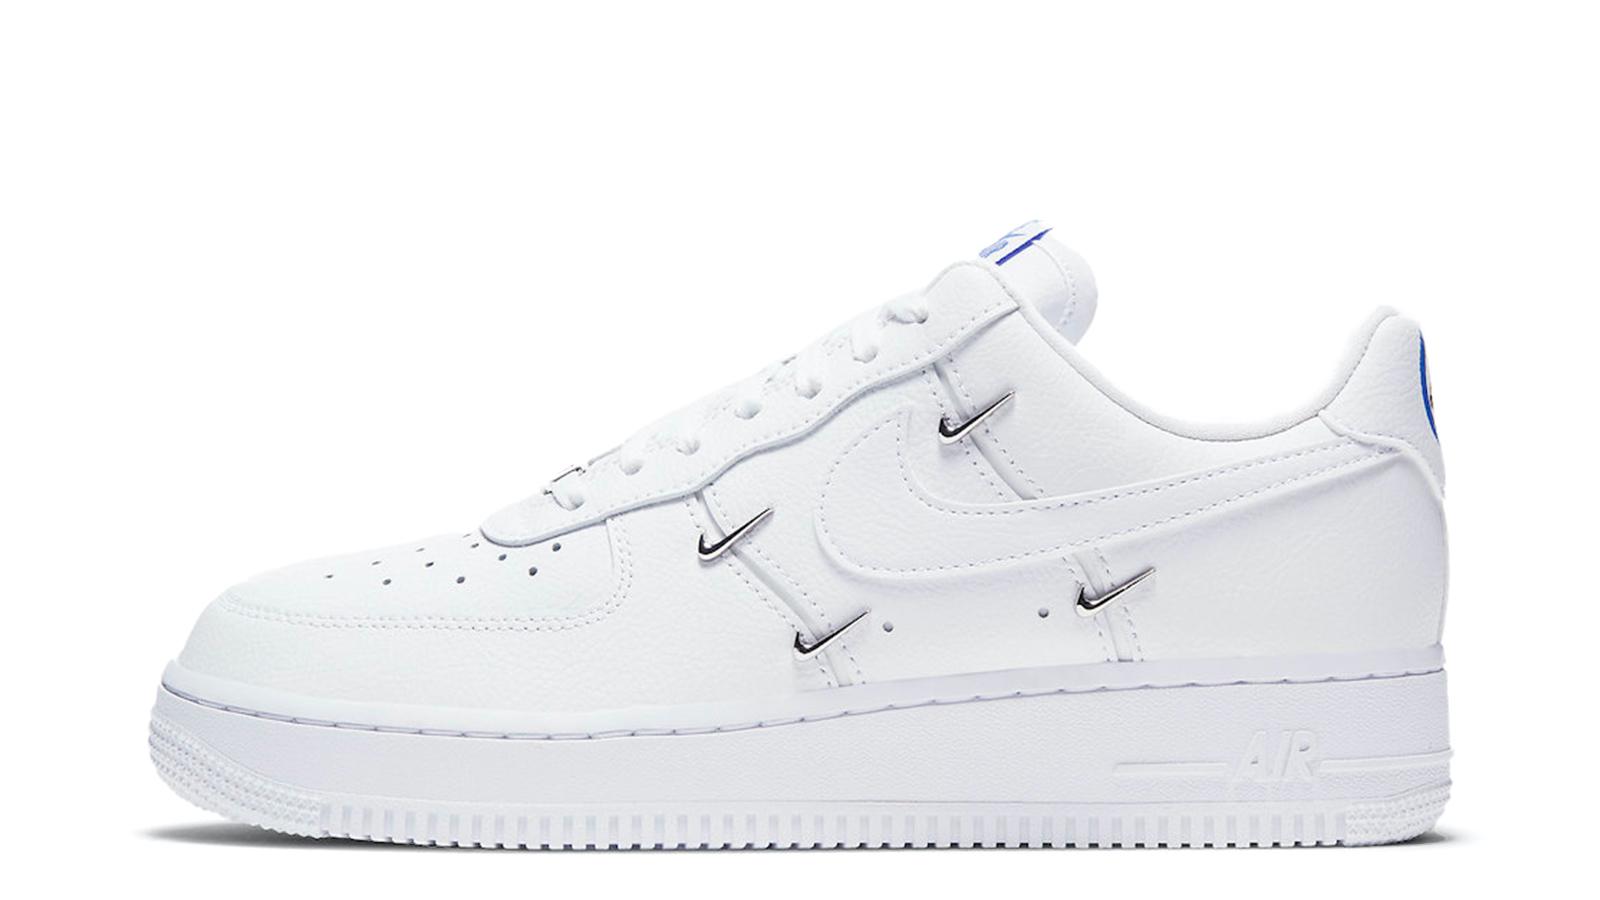 Nike Air Force 1 LX Chrome Swoosh CT1990-100